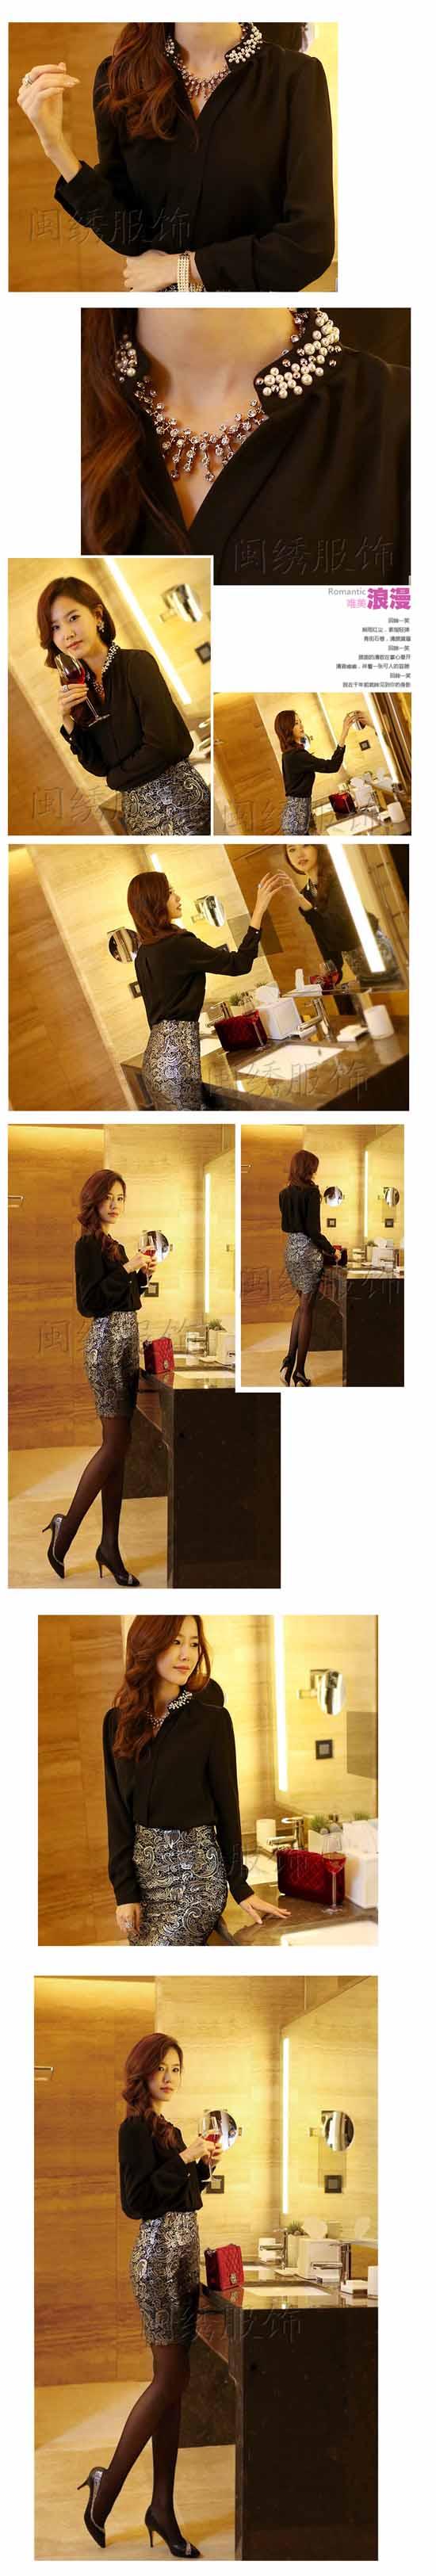 เสื้อเชิ้ต ทำงาน แฟชั่นเกาหลี ใหม่สวยปกแต่งมุกหรู นำเข้า ไซส์S/M/L/XL/XXL พรีออเดอร์MI597 ราคา1150บาท